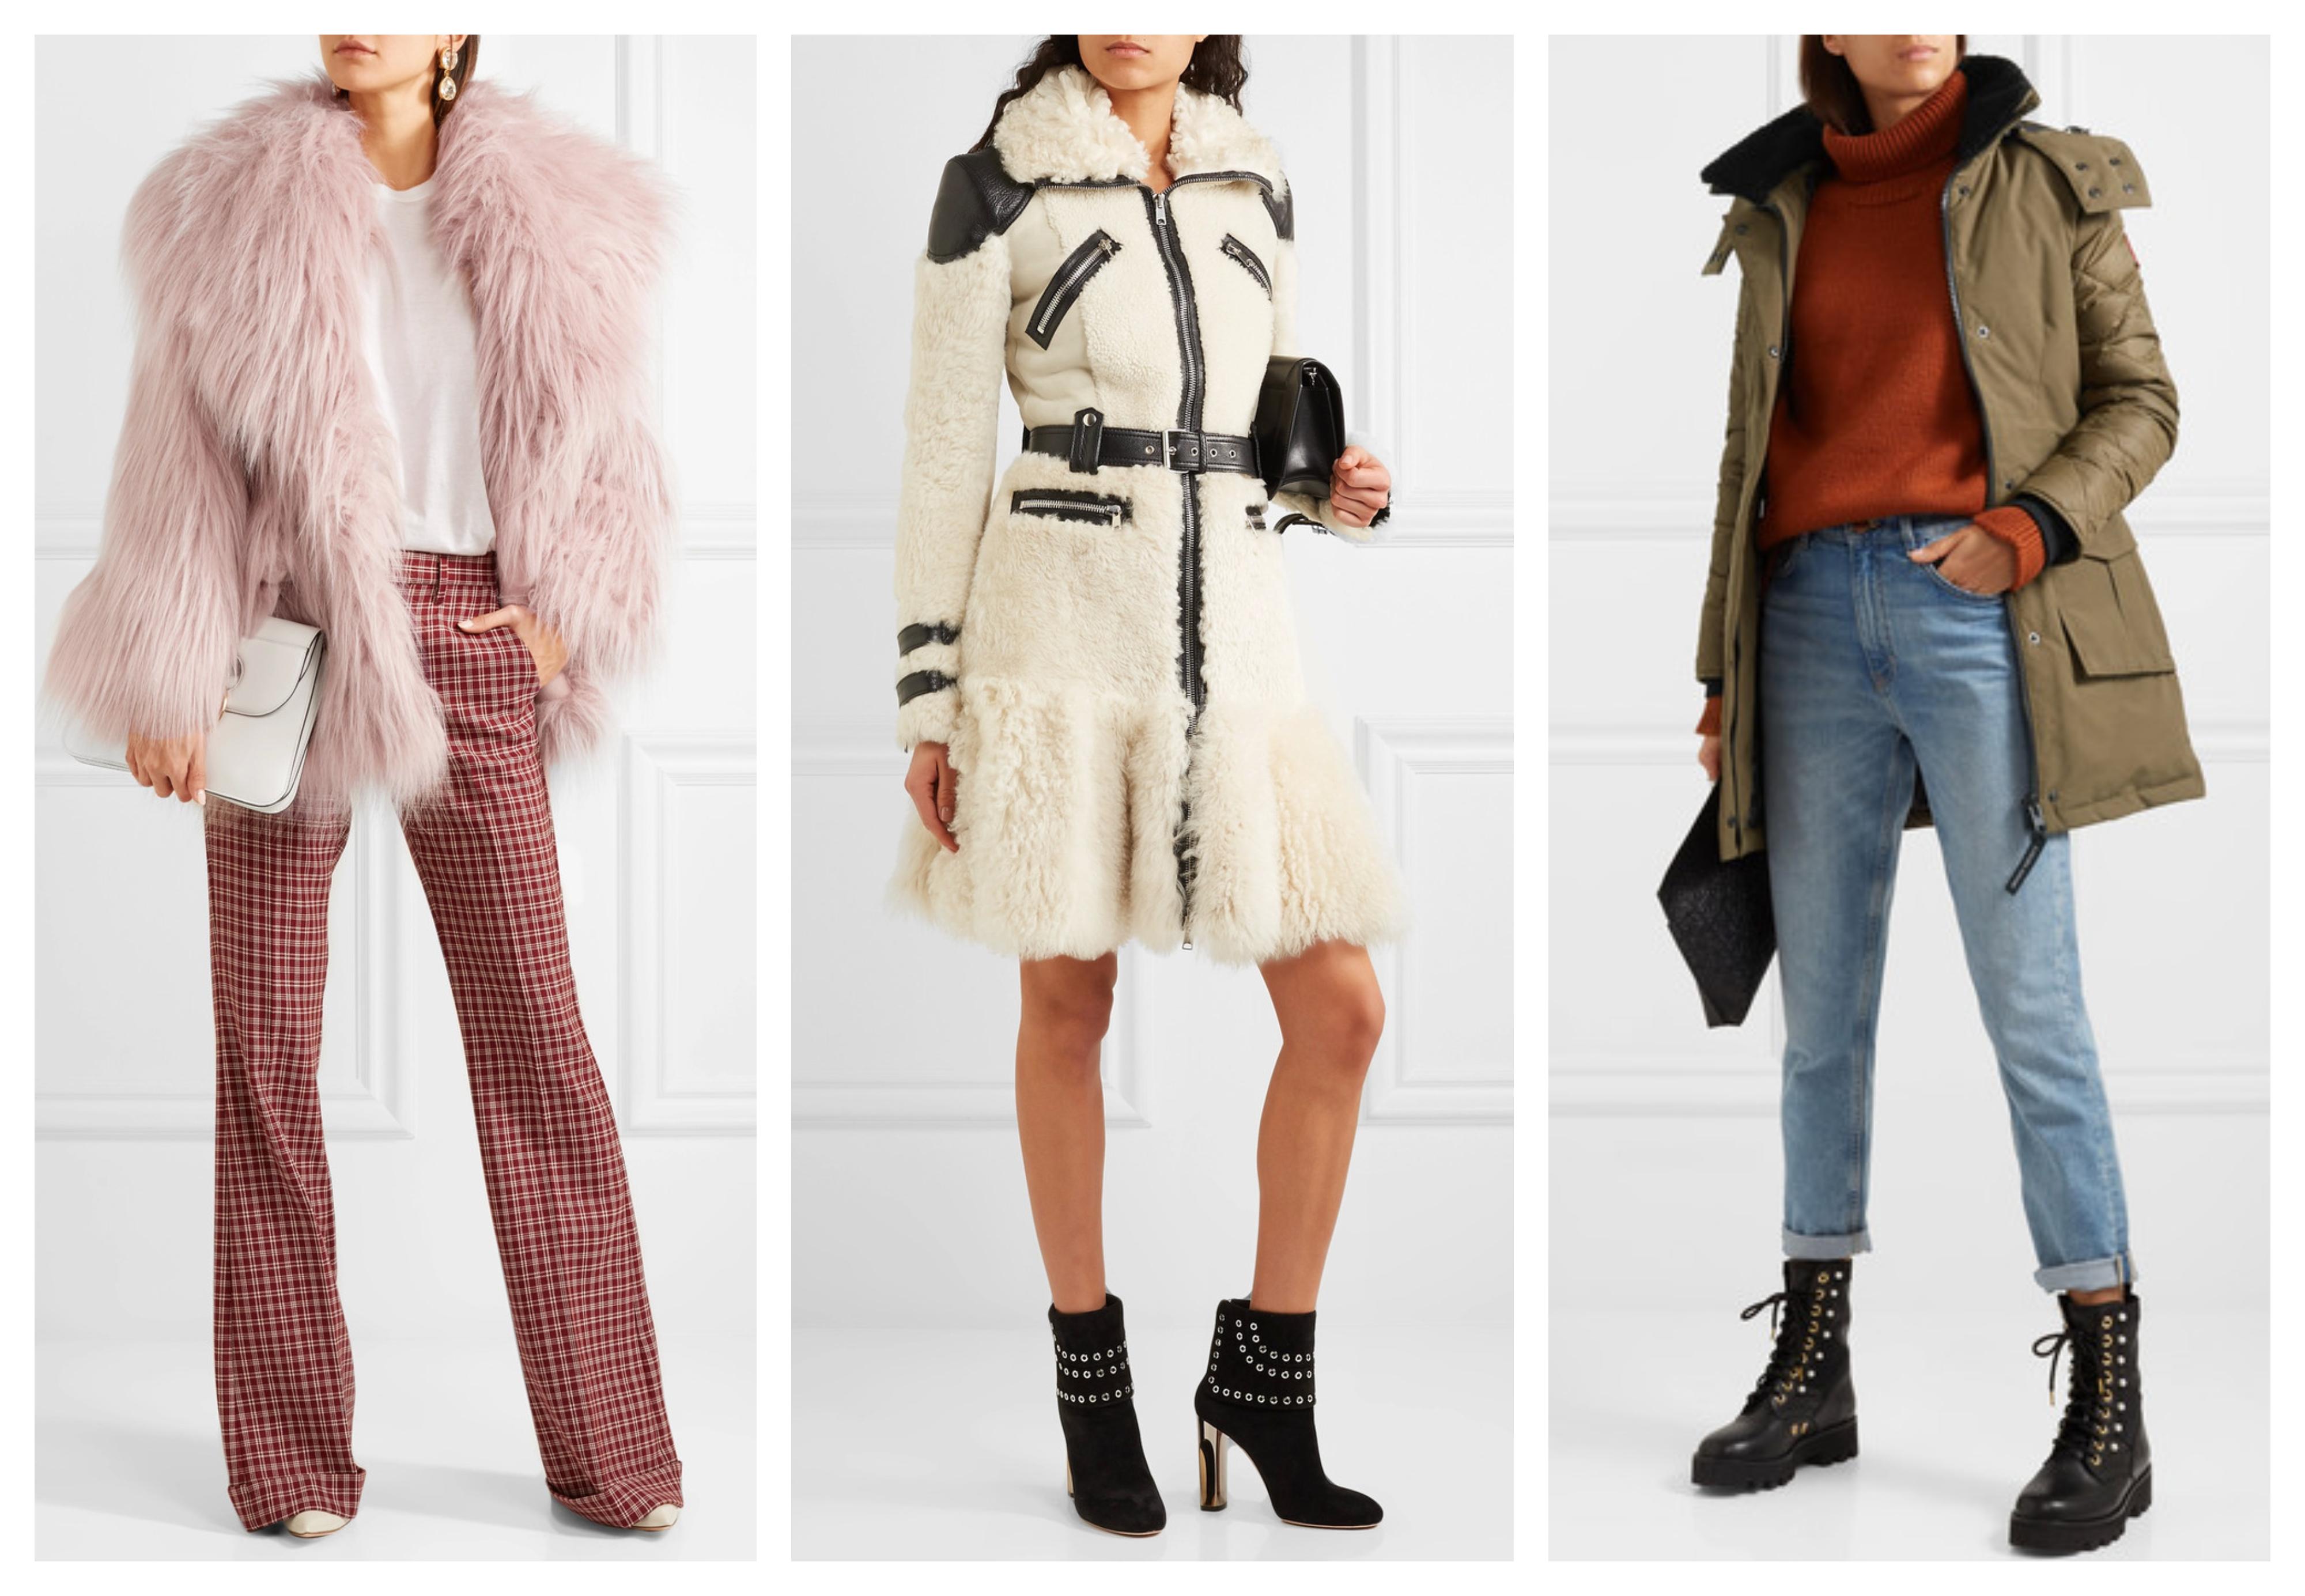 50ec112736e5 Per fortuna abbiamo delle validissime alternative per ogni occasione e per  ogni stile  la pelliccia per le più modaiole